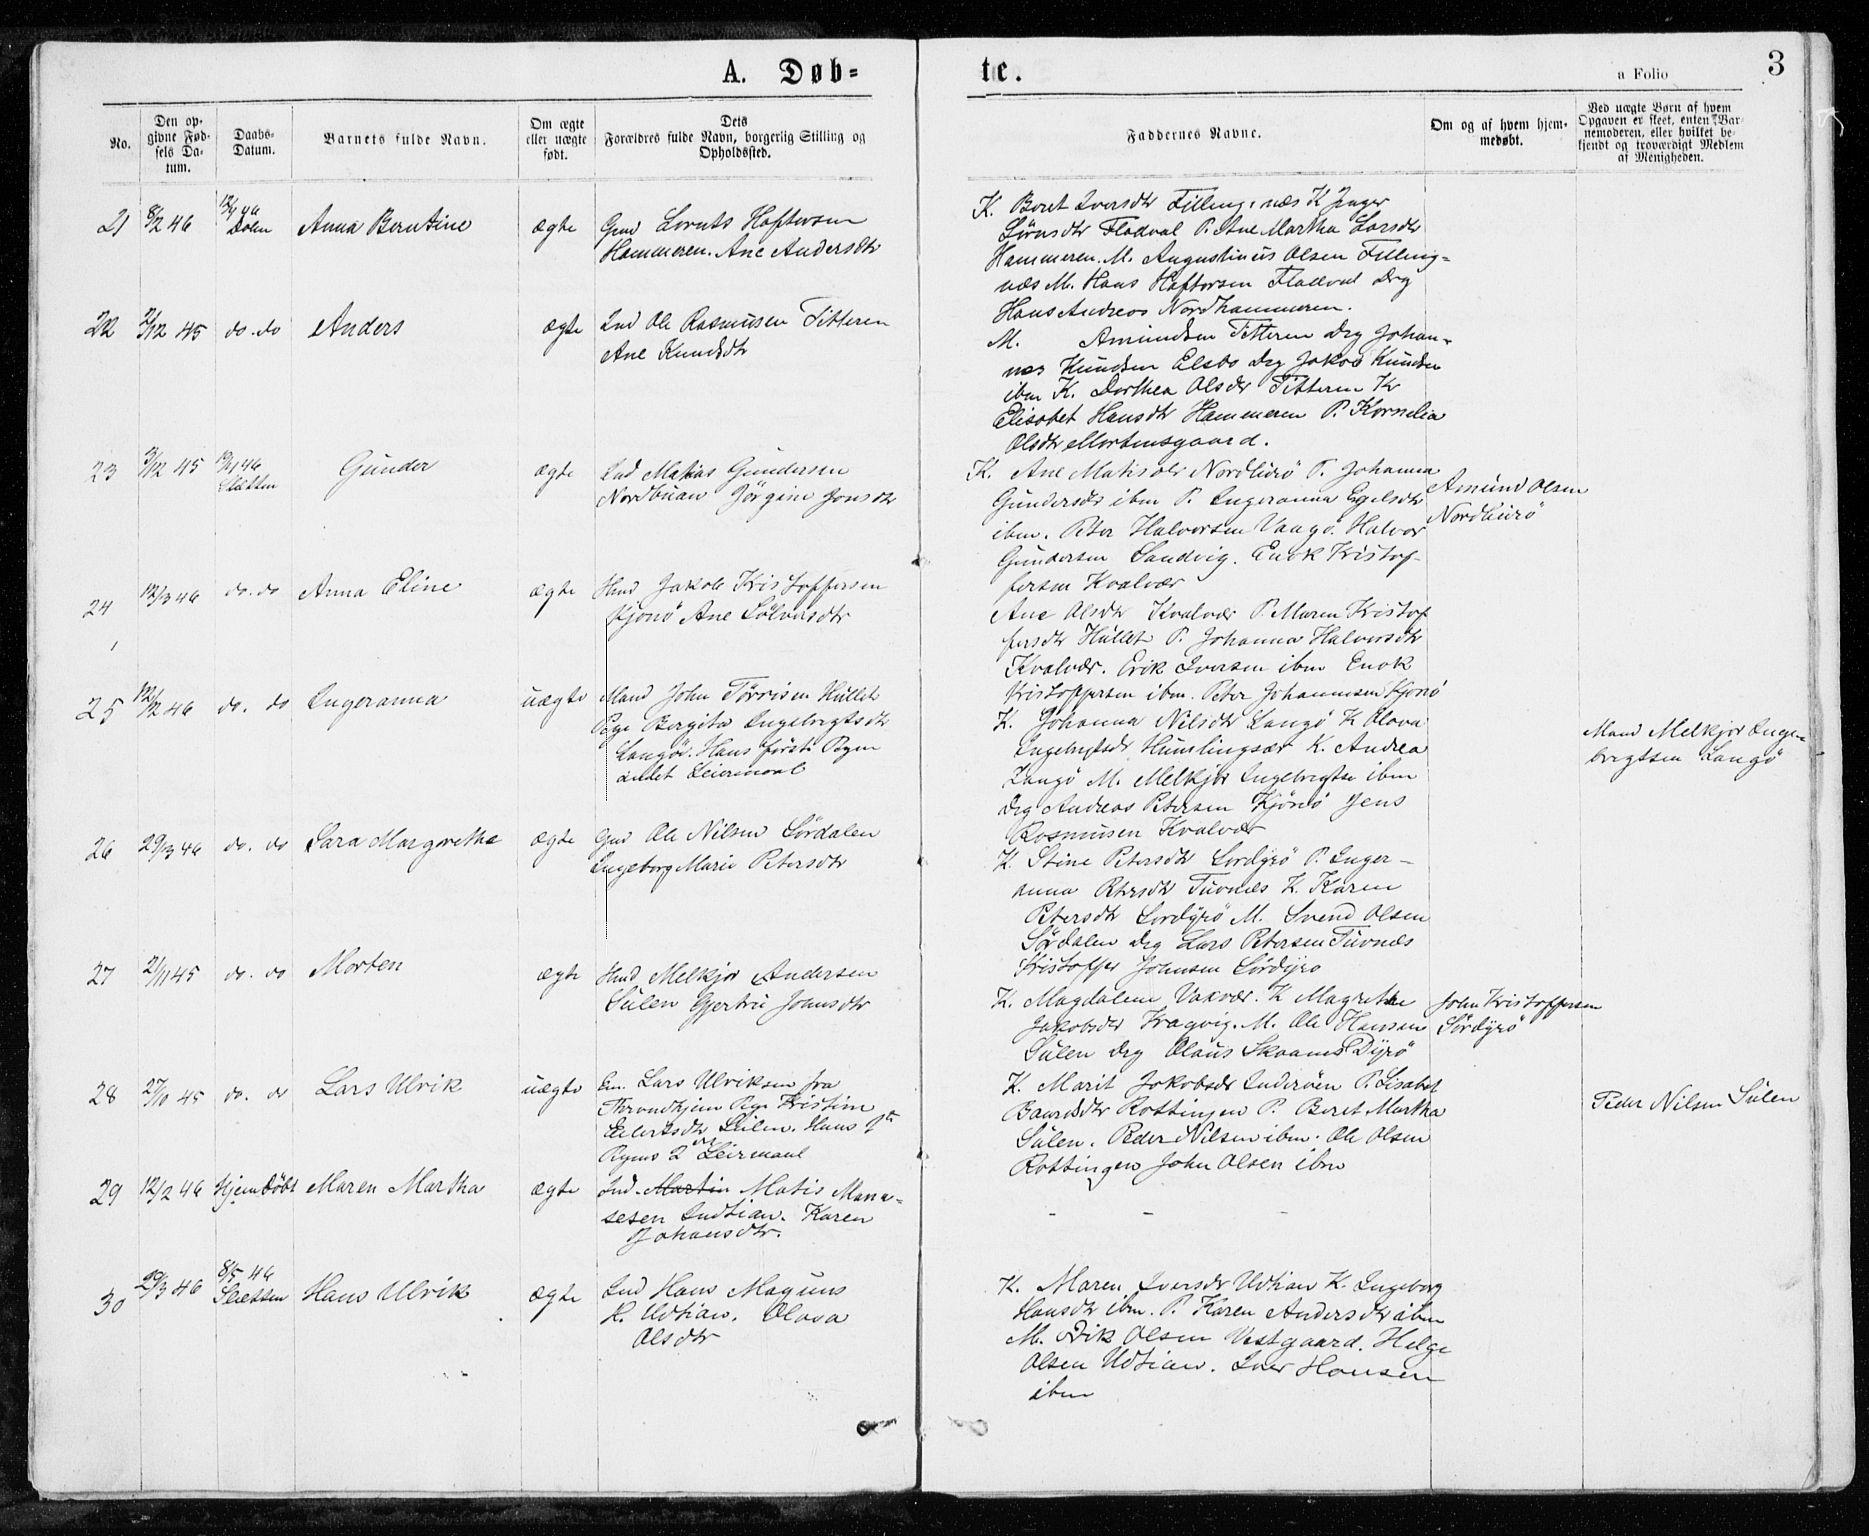 SAT, Ministerialprotokoller, klokkerbøker og fødselsregistre - Sør-Trøndelag, 640/L0576: Ministerialbok nr. 640A01, 1846-1876, s. 3